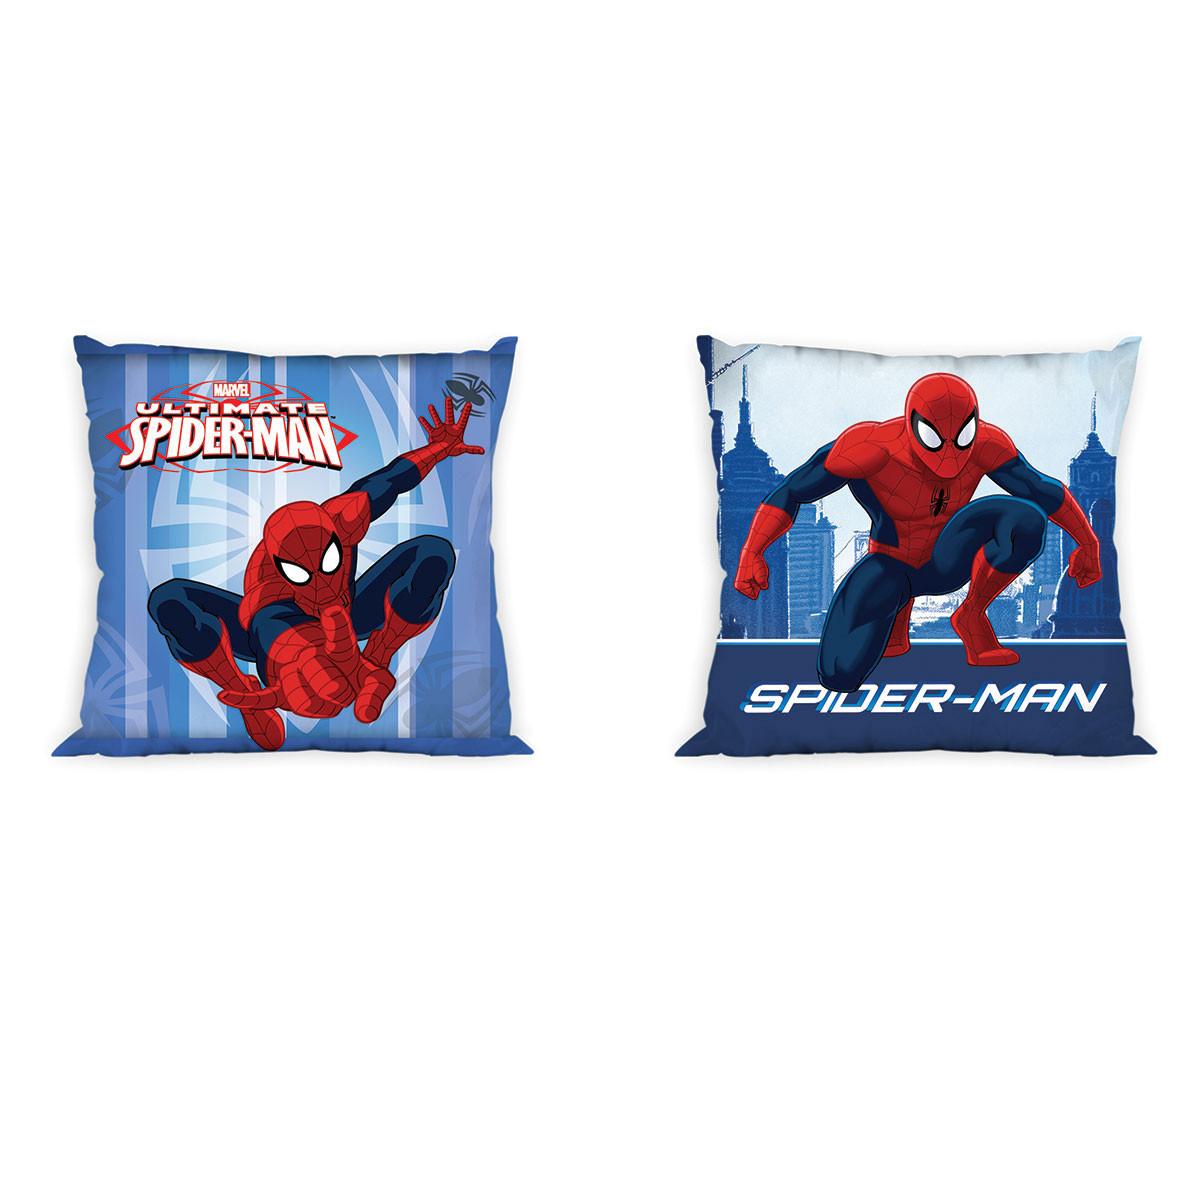 Διακοσμητικό Μαξιλάρι 2 Όψεων Dim Collection Spiderman 023